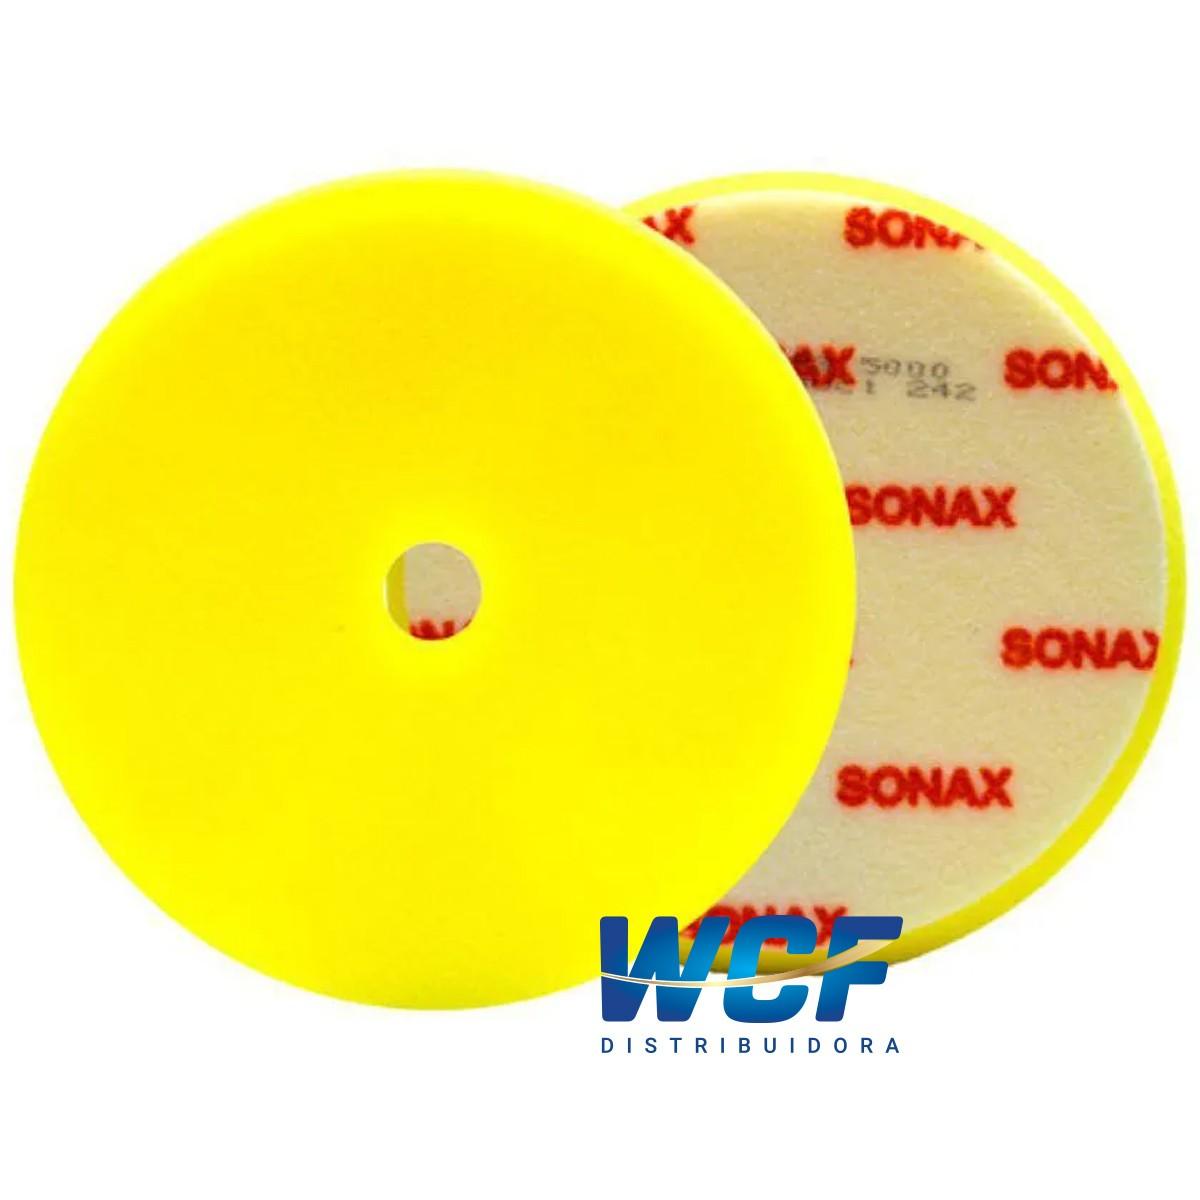 SONAX BOINA DE ESPUMA AMARELA 143 MM C/FURO